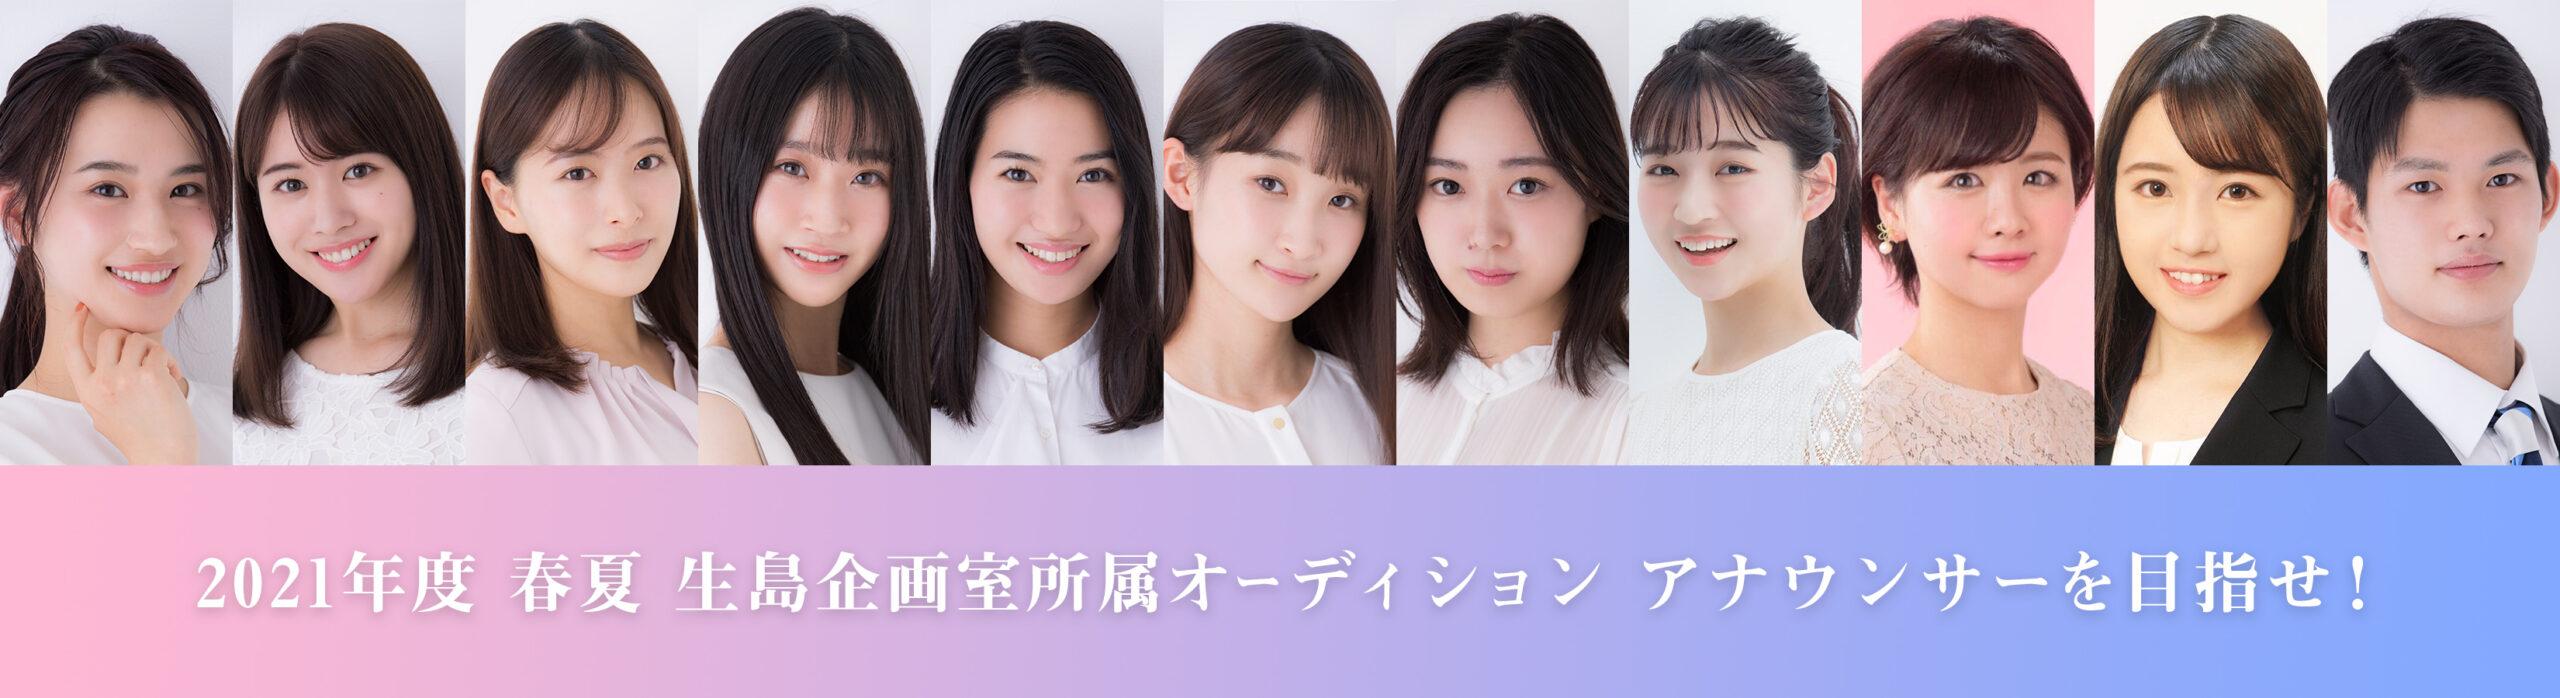 2021年度 春夏 生島企画室所属オーディション アナウンサーを目指せ!